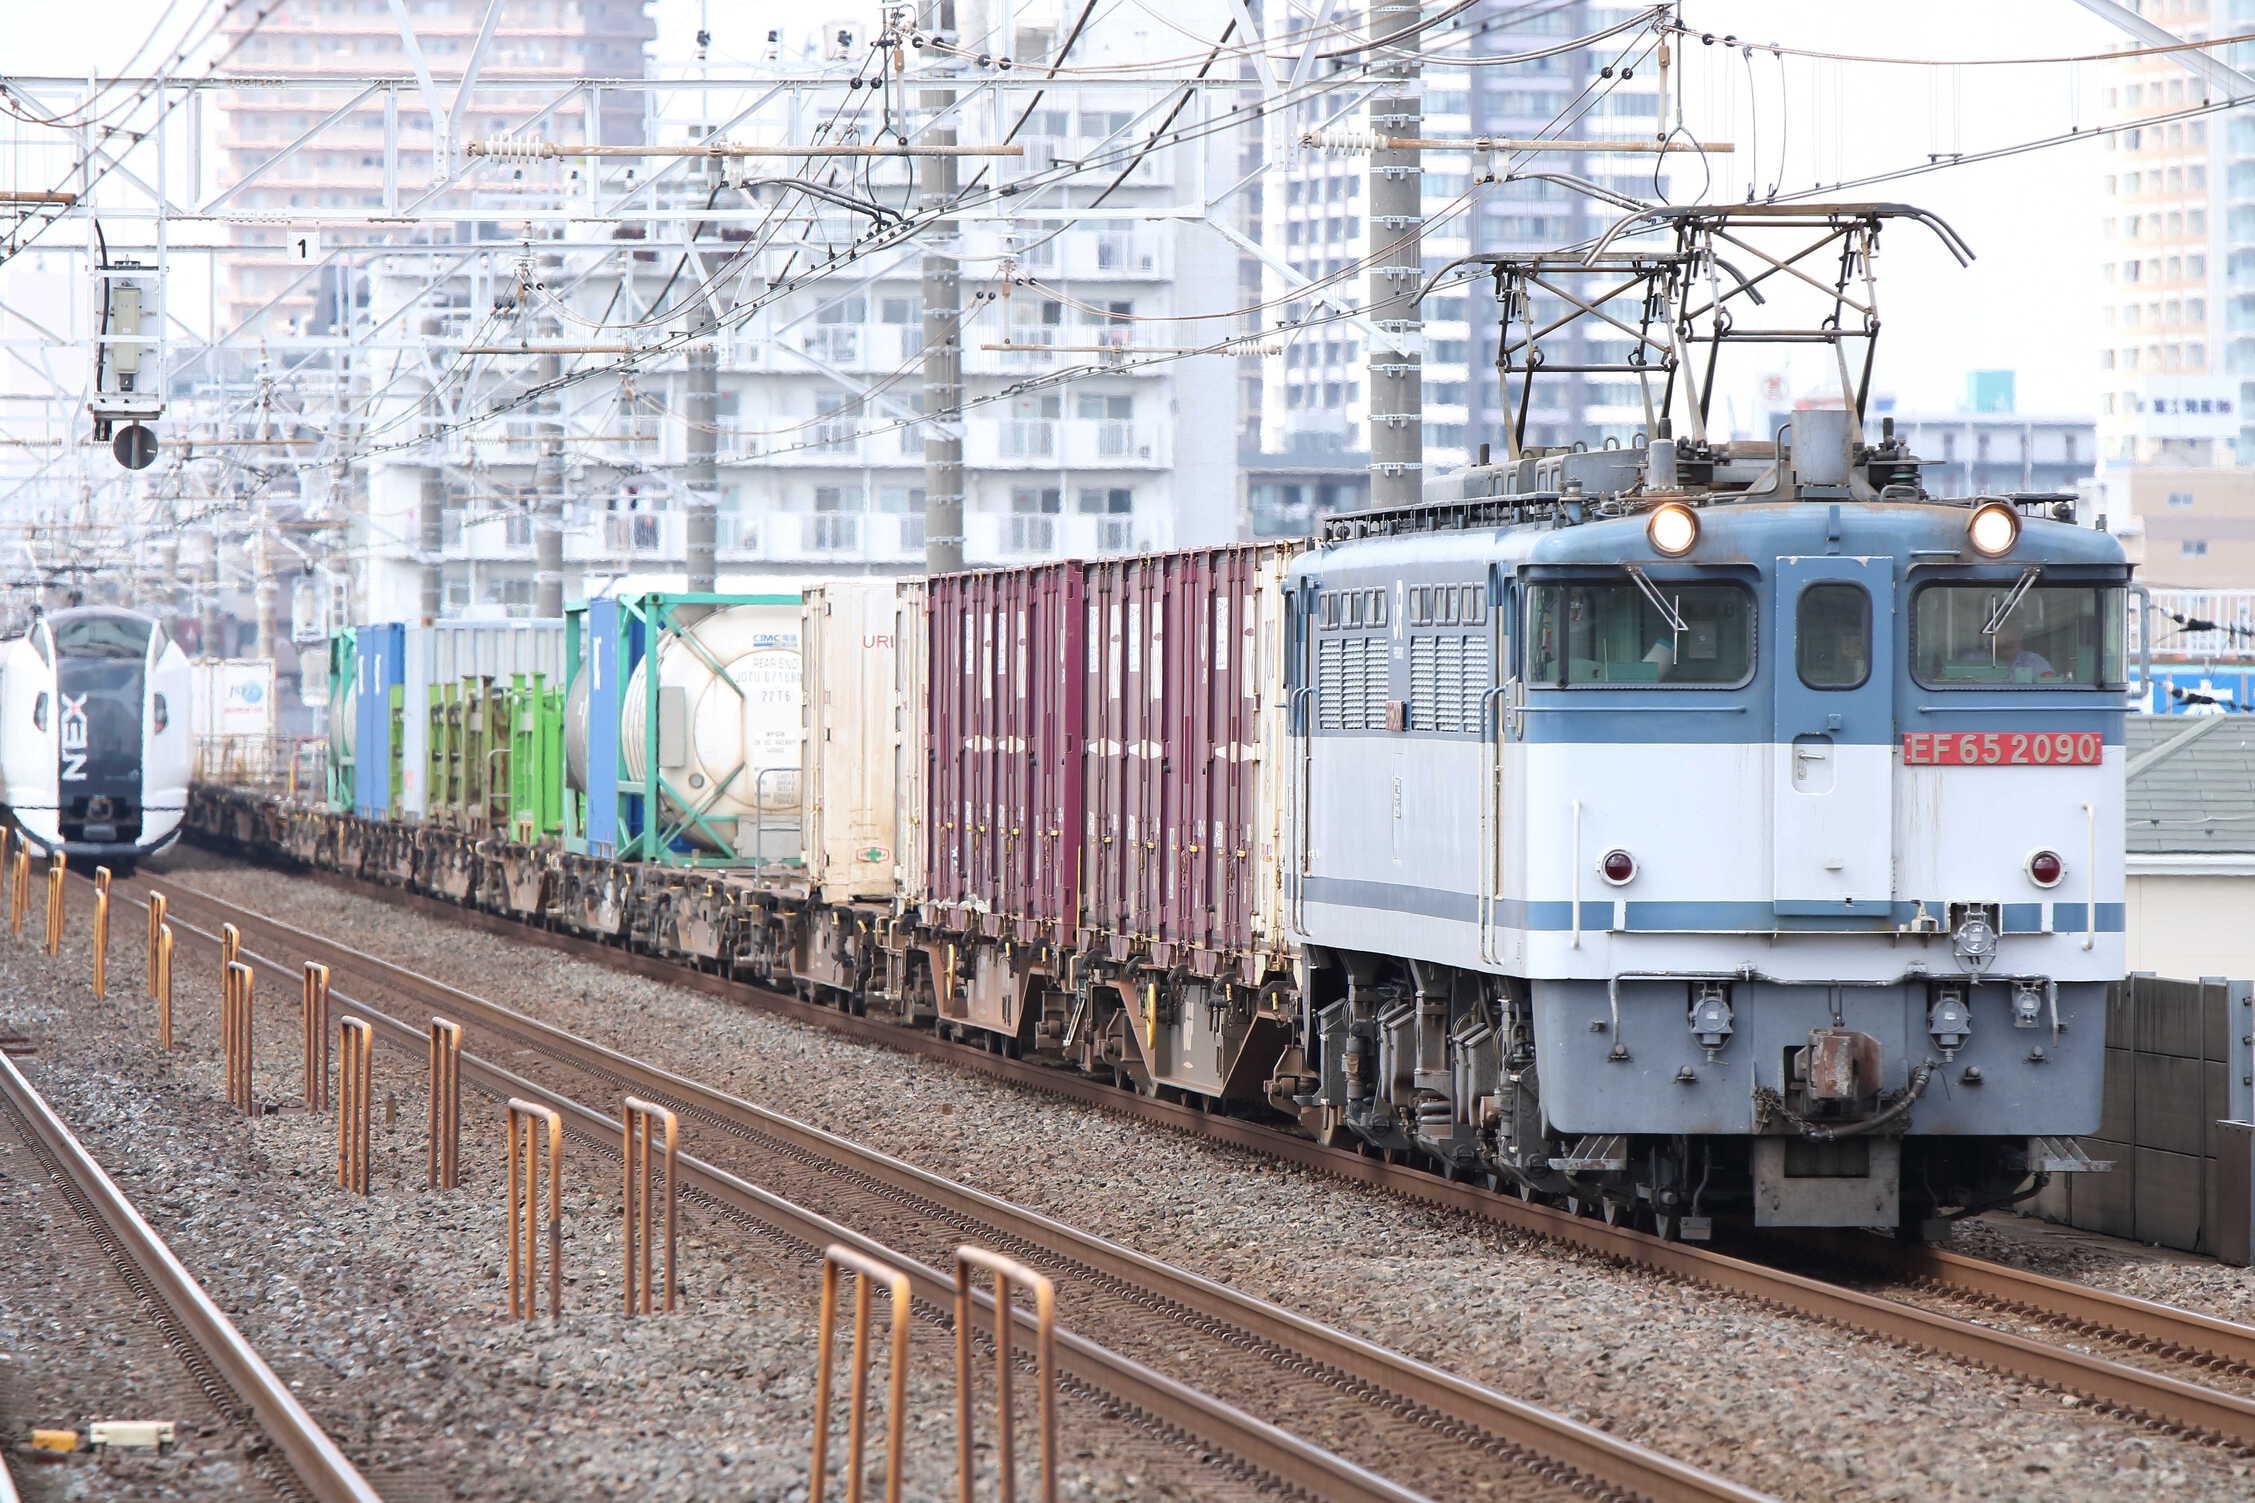 1091列車 EF65-2090①[新]+コキ19車